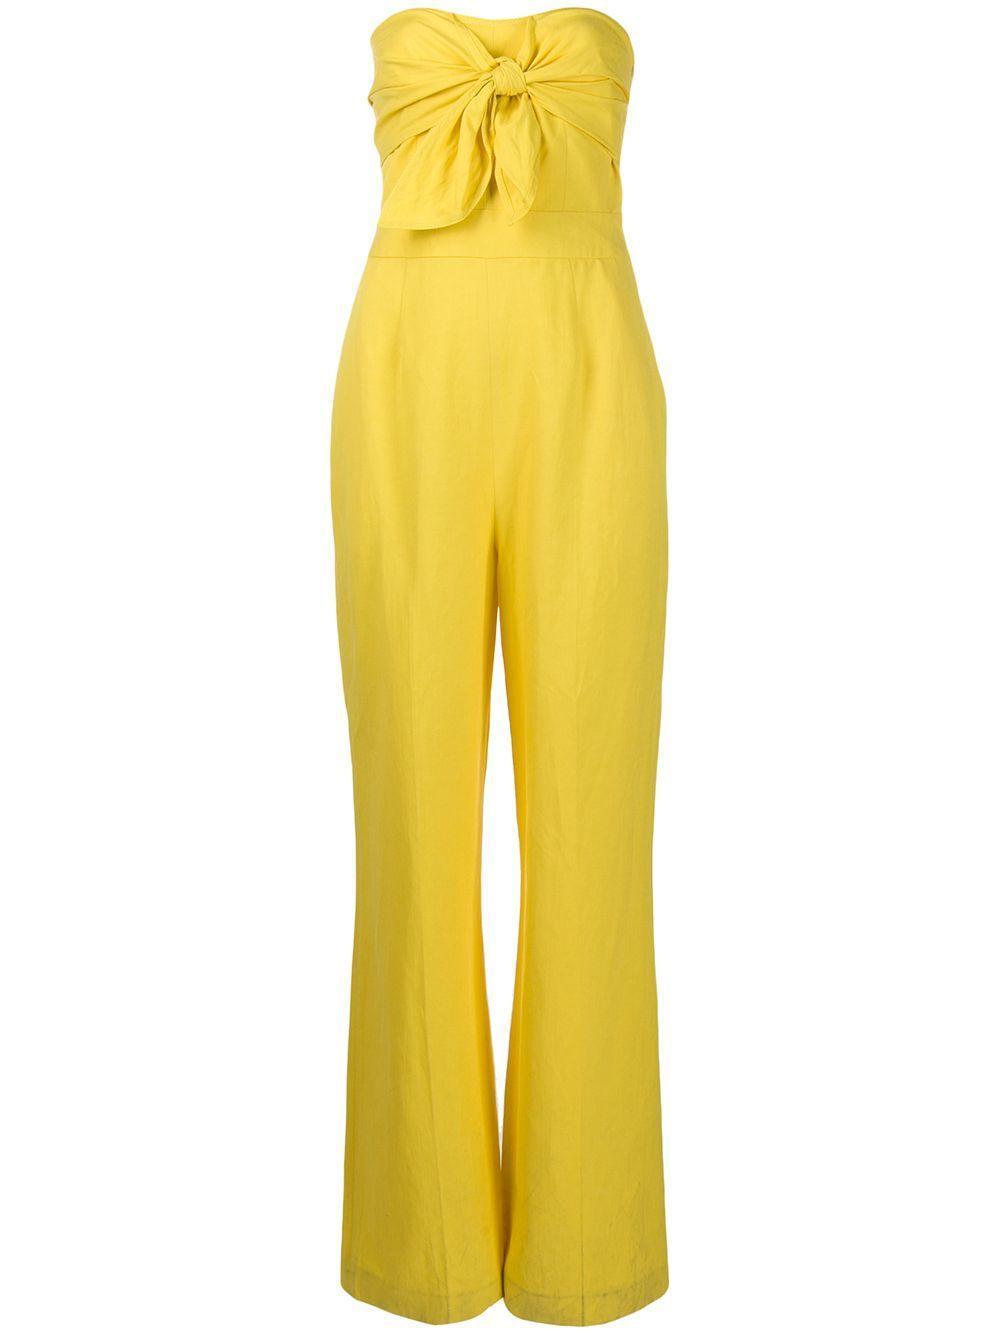 Alene Tie Front Jumpsuit Item # TS01503DL